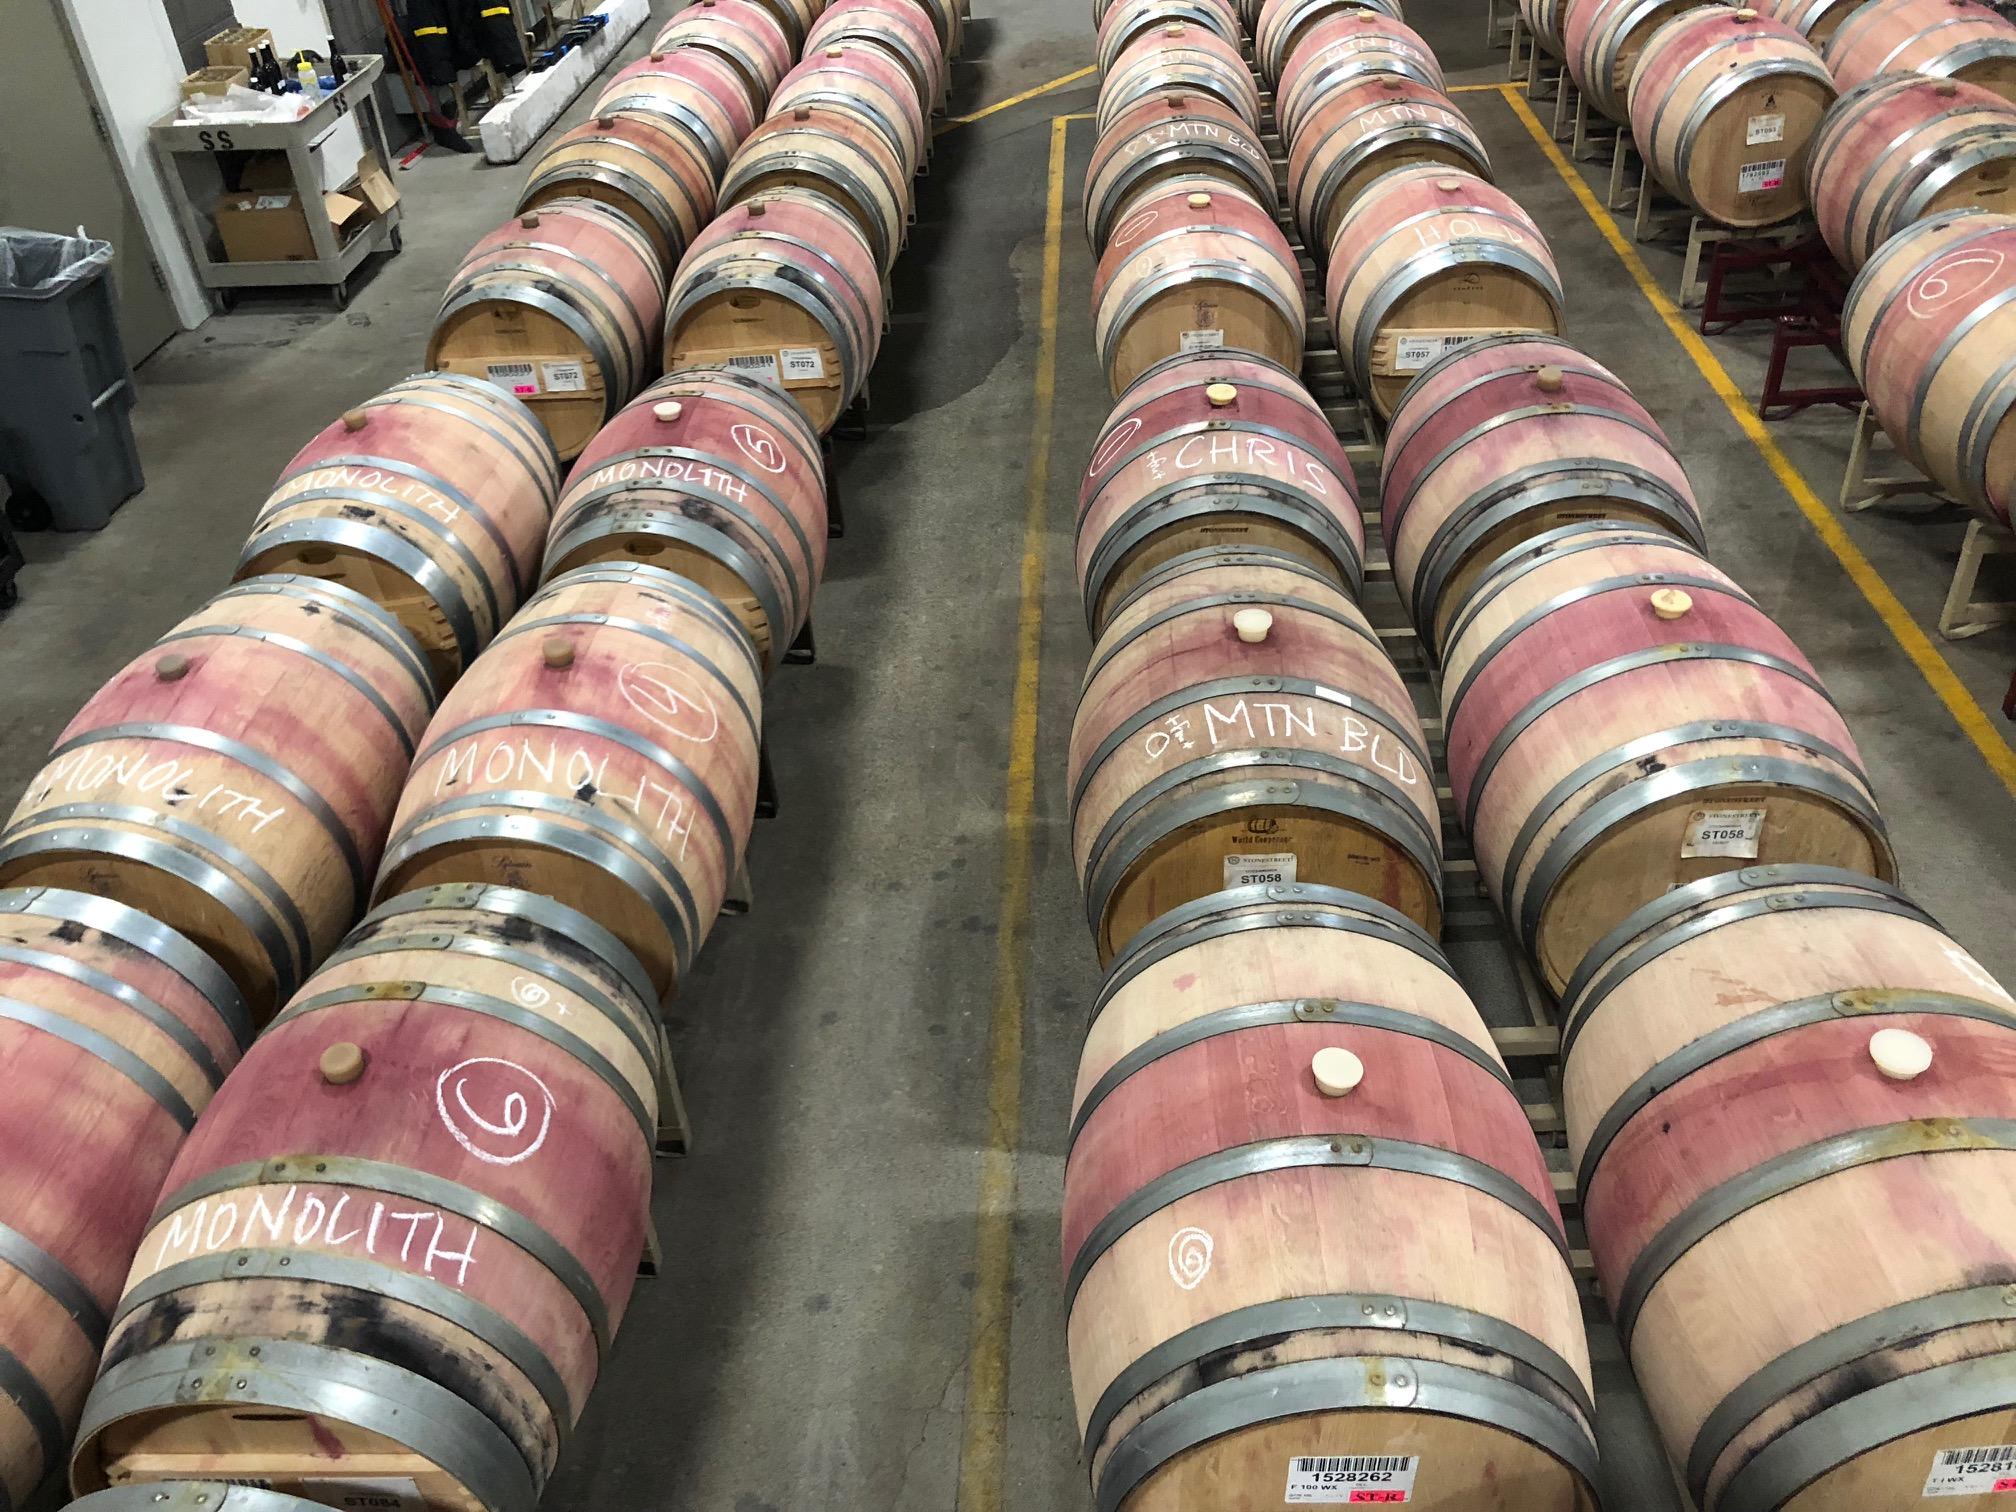 Stonestreet Barrel Selection for Final Blends